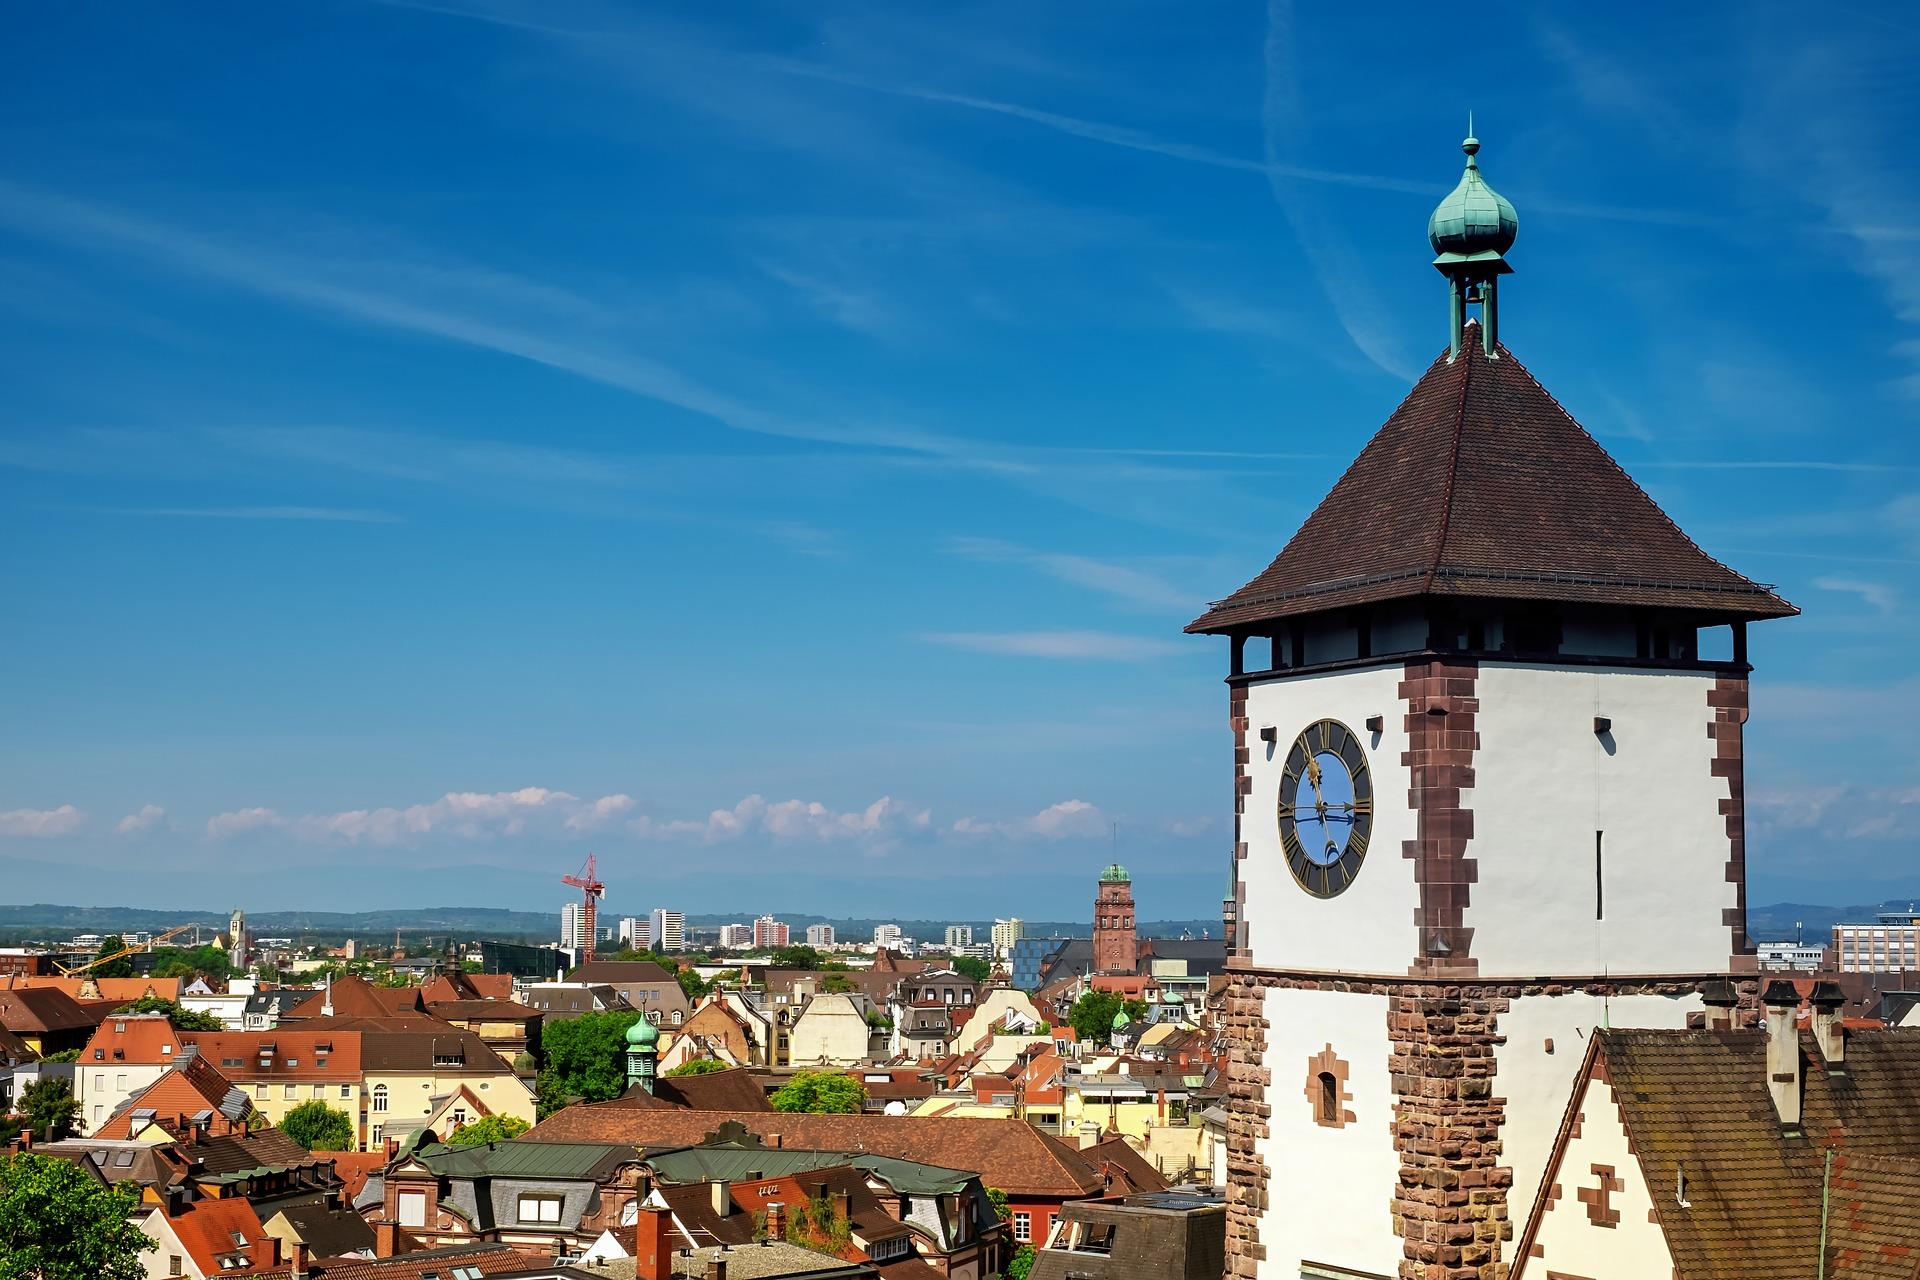 Freiburg / Pixabay